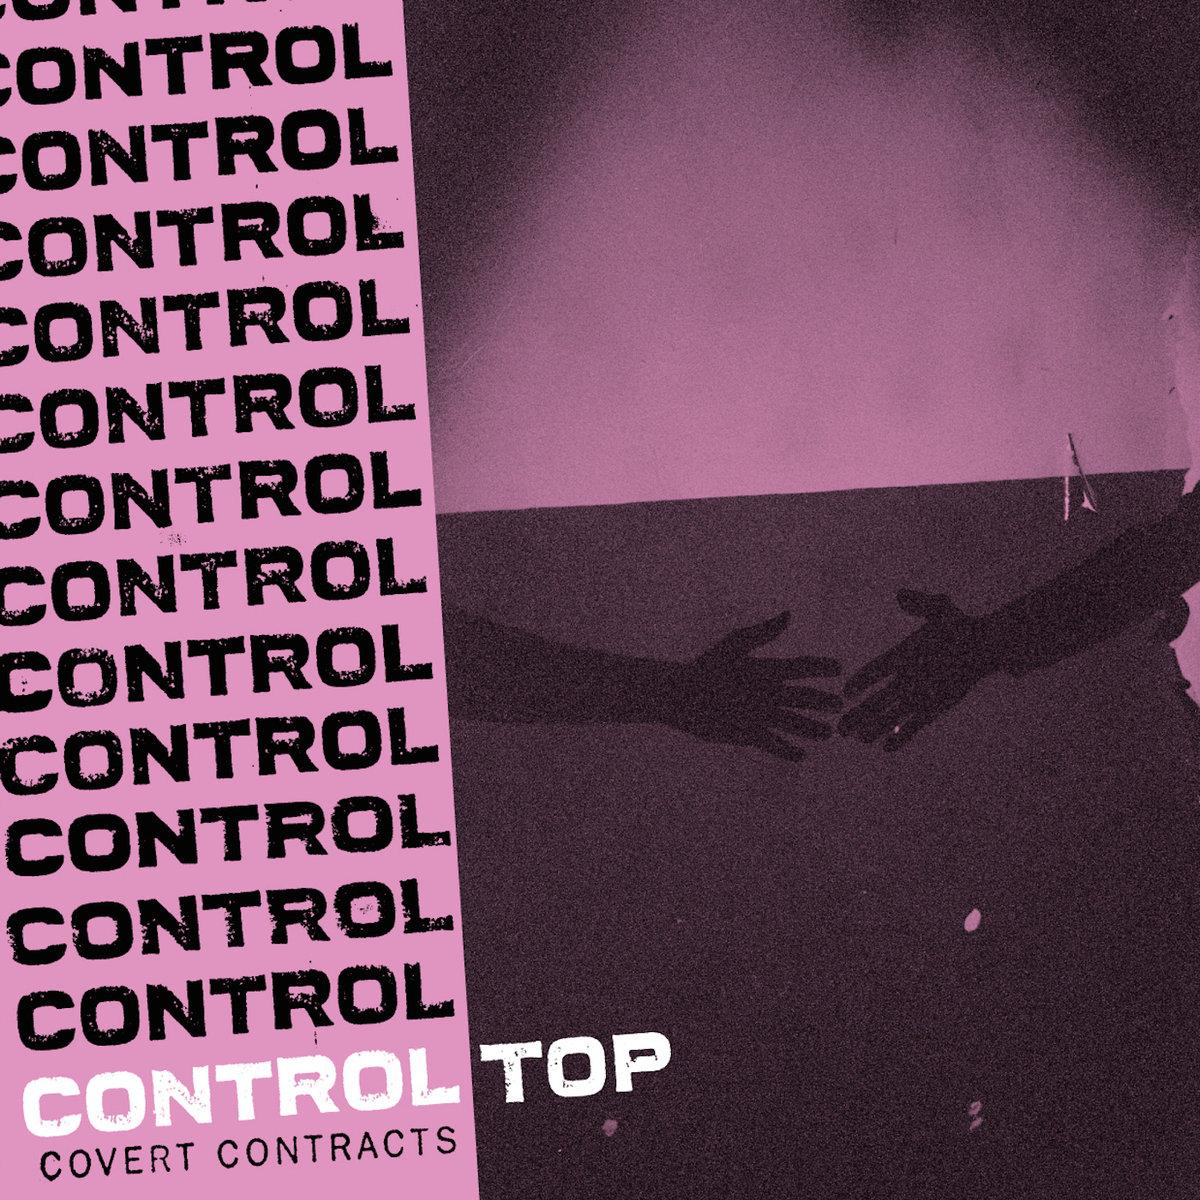 1560369302848-Control-Top